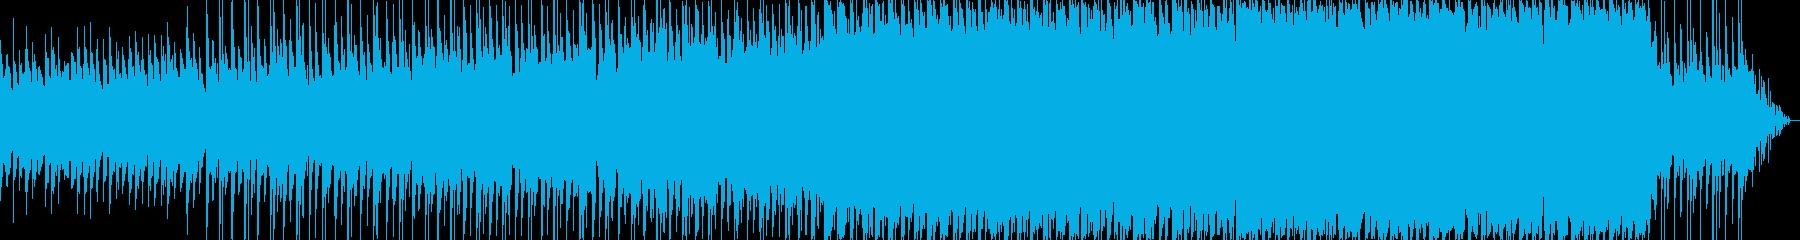 優しく包み込むようなテクノポップバラードの再生済みの波形